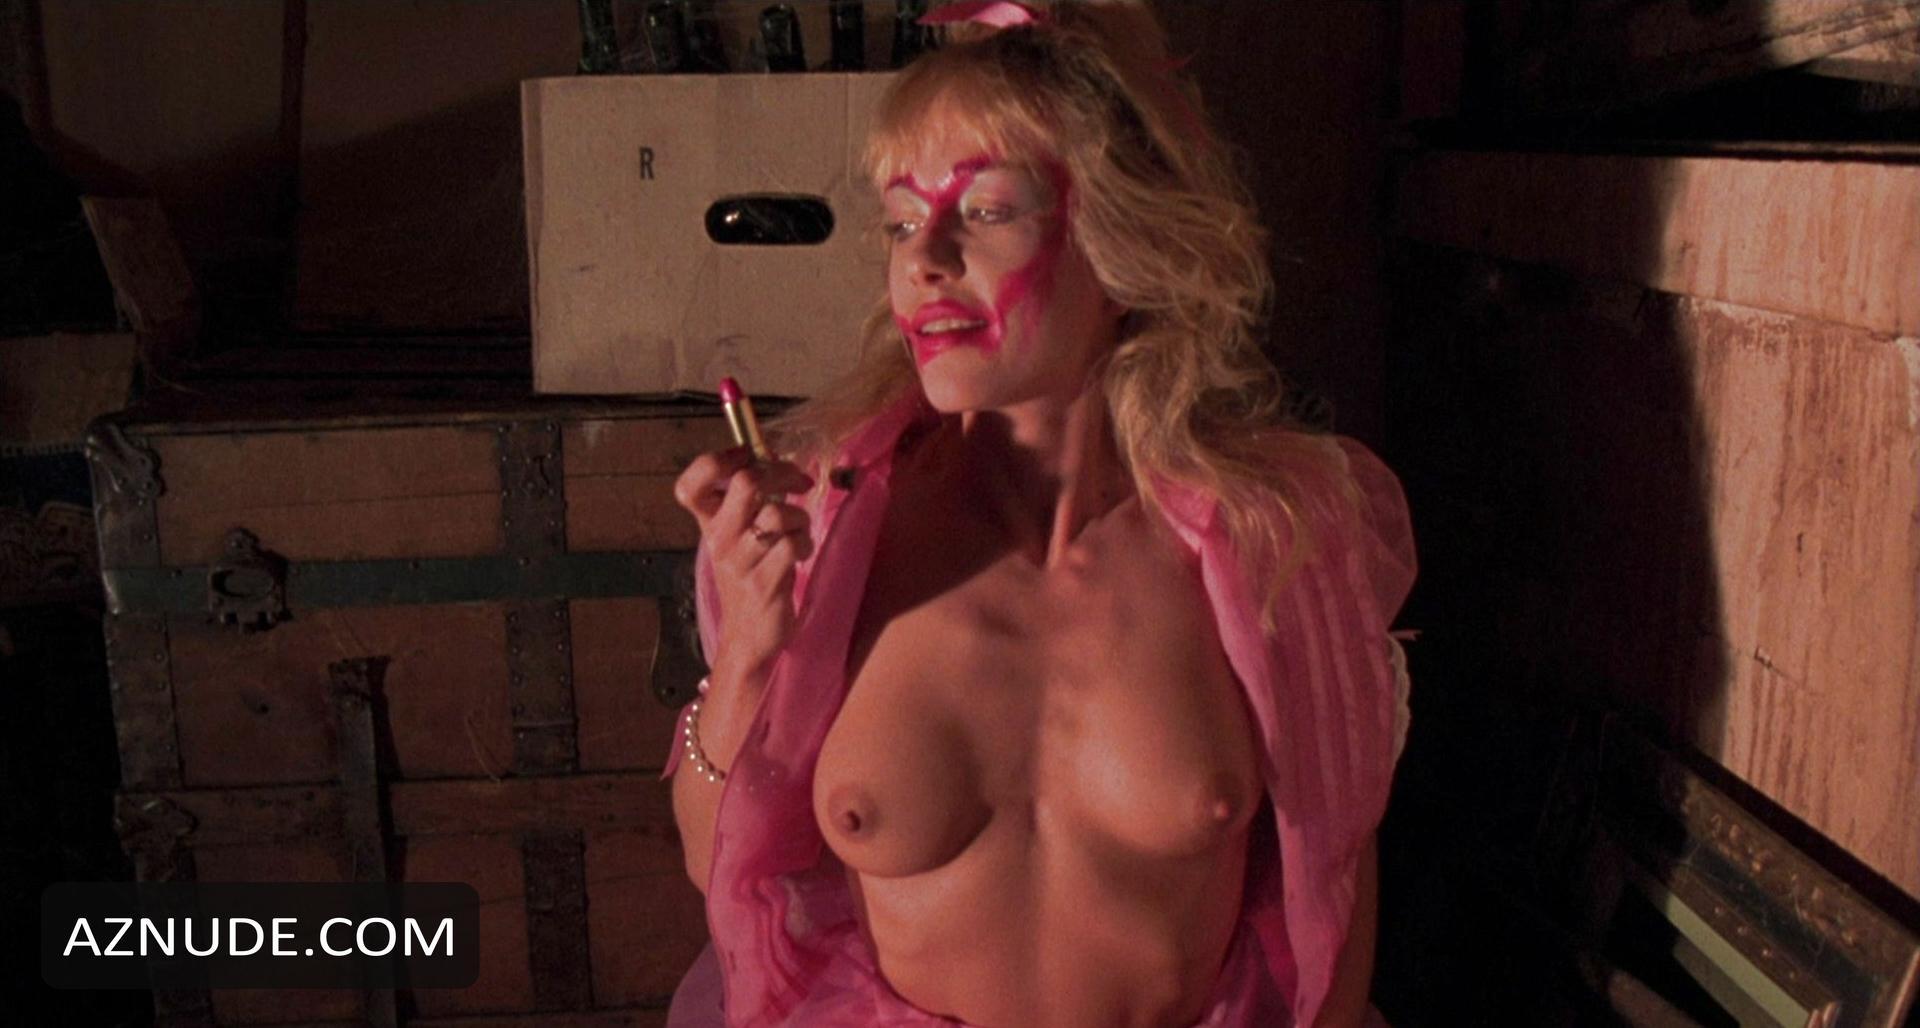 Linnea quigley nude sex karen russell nude too